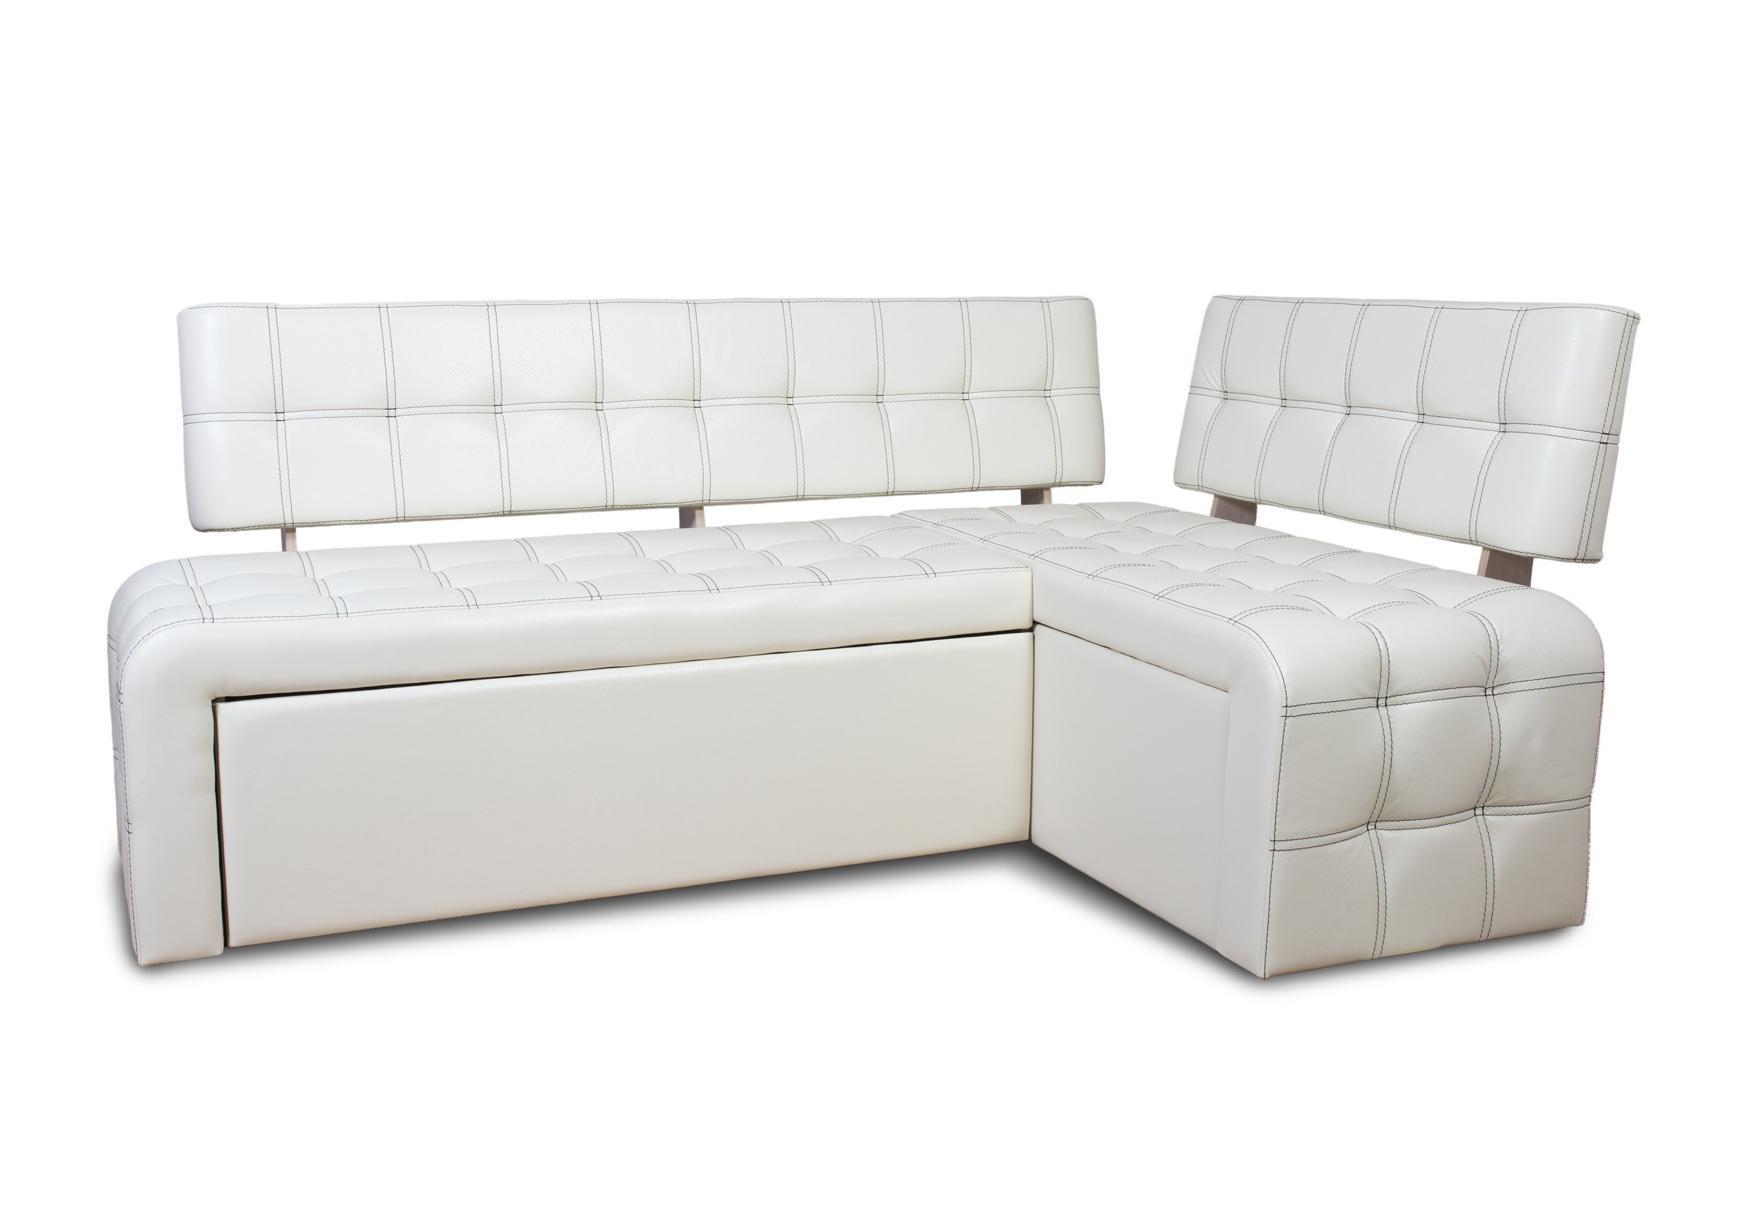 купить в спб кухонный диван угловой со спальным местом прага